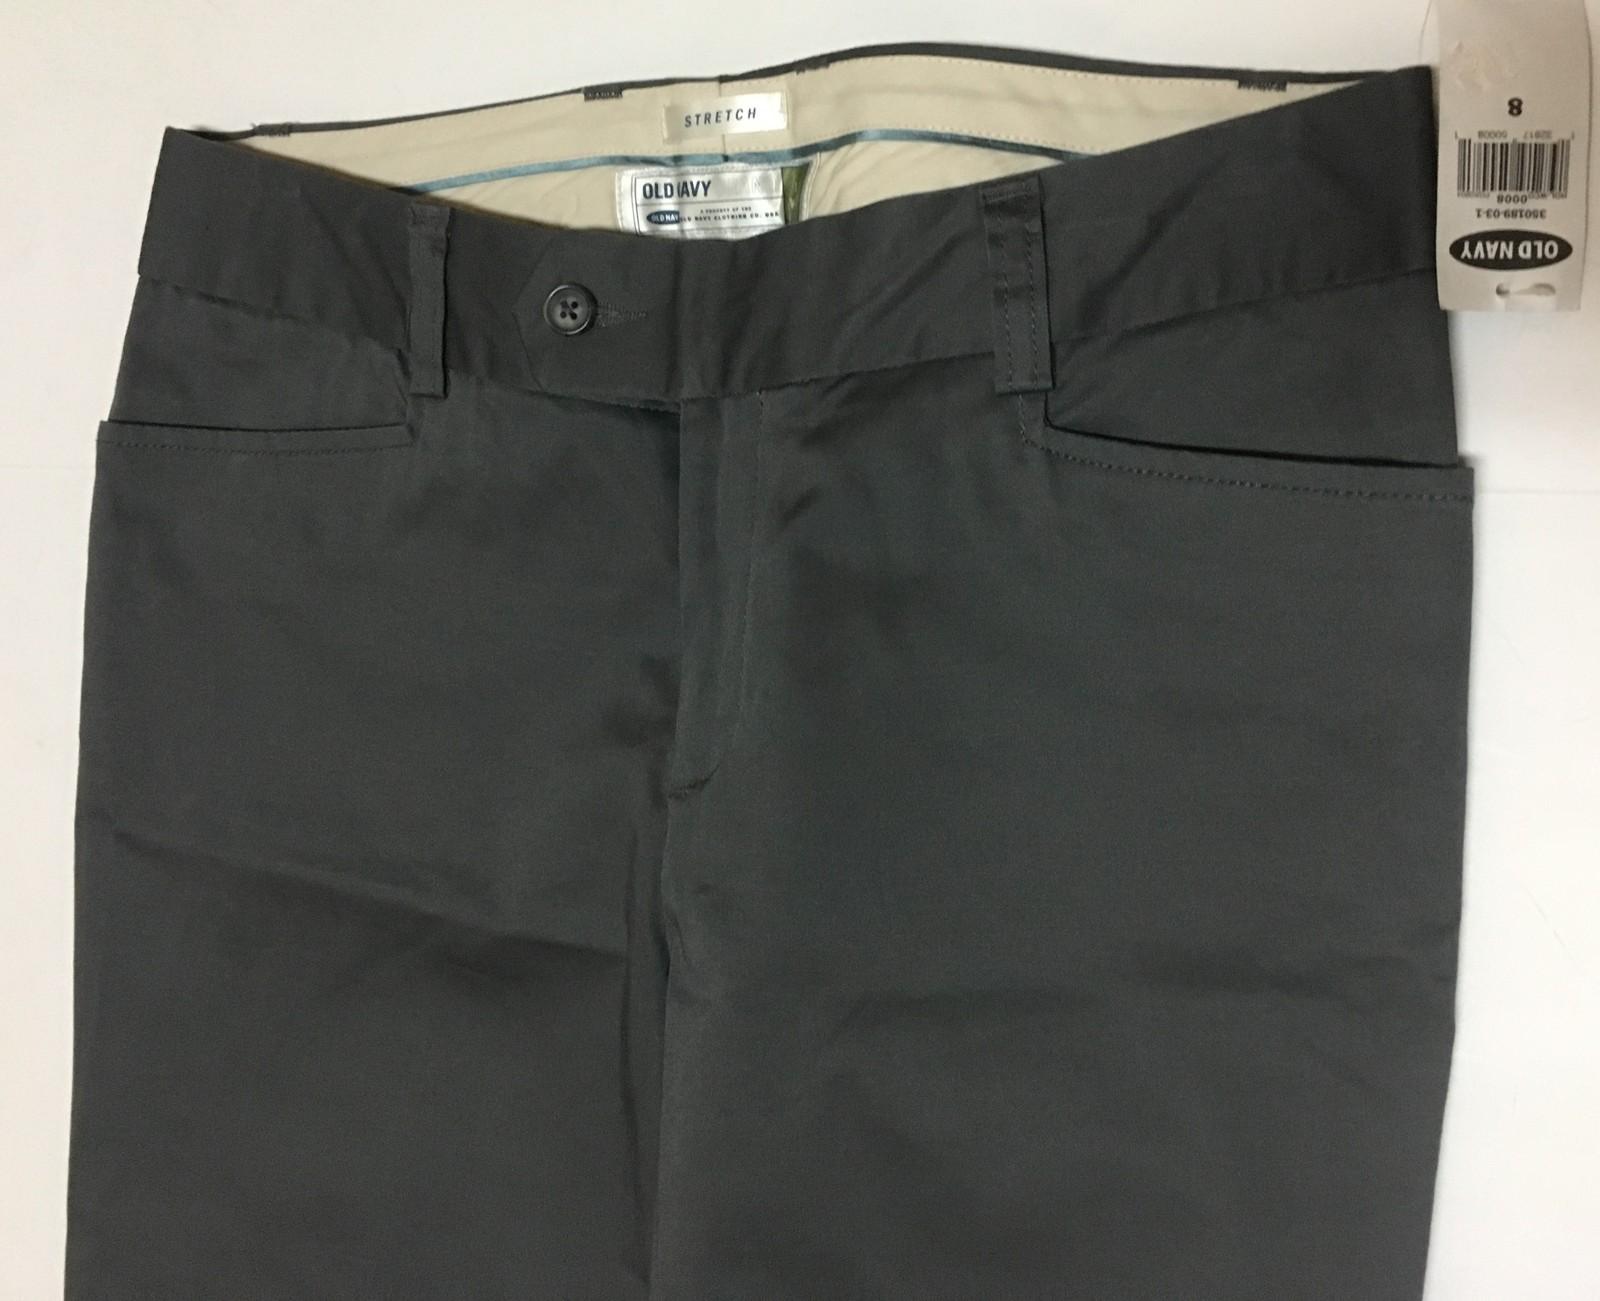 Women's Pants Dark Gray Trousers Sz 8 Old Navy Low Waist Stretch NWT